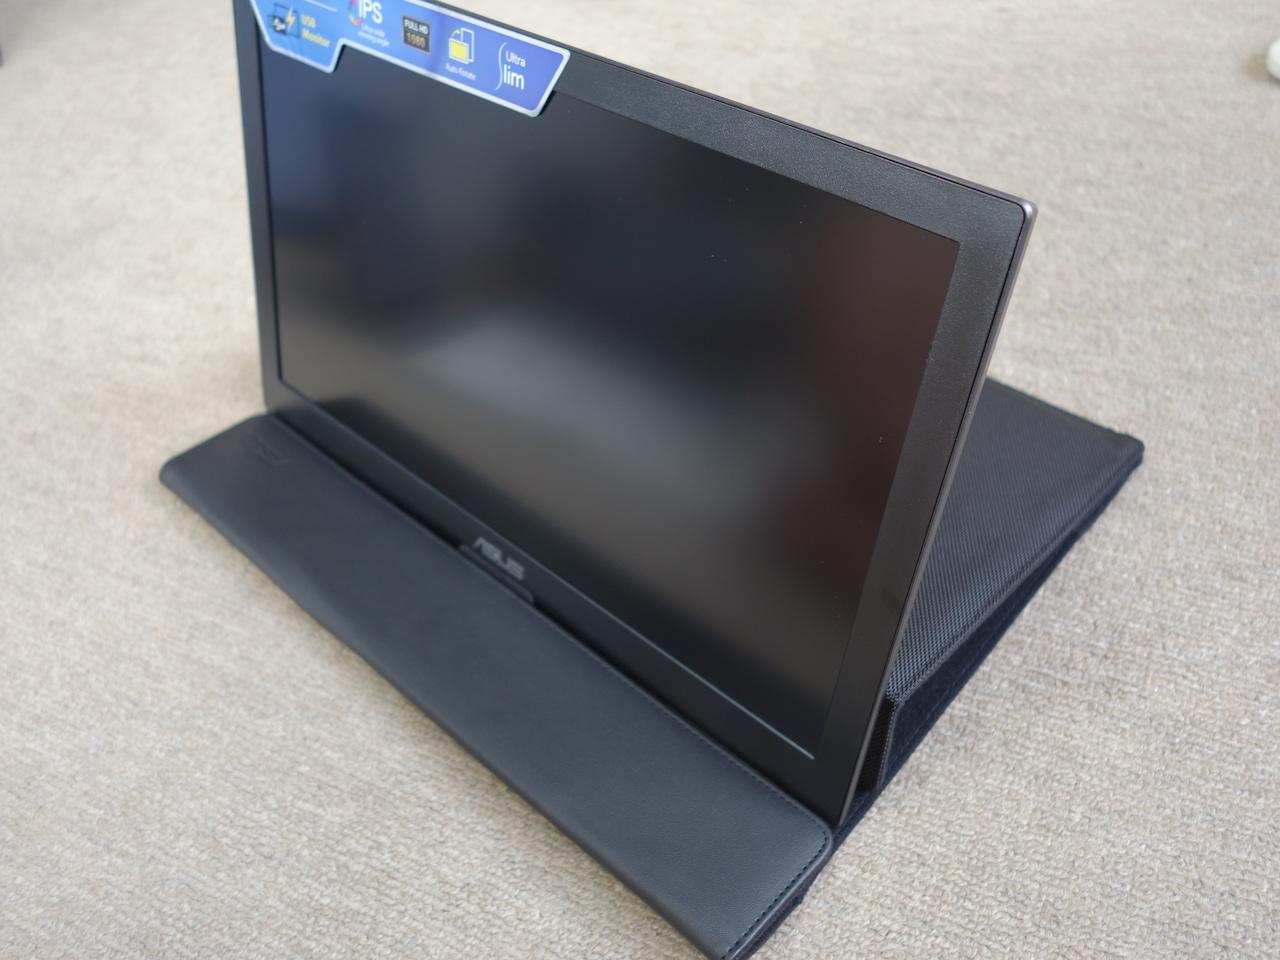 ASUSのUSBだけで取り付けられる外付けモバイルディスプレイ買ったら仕事が捗り過ぎてヤバイ!